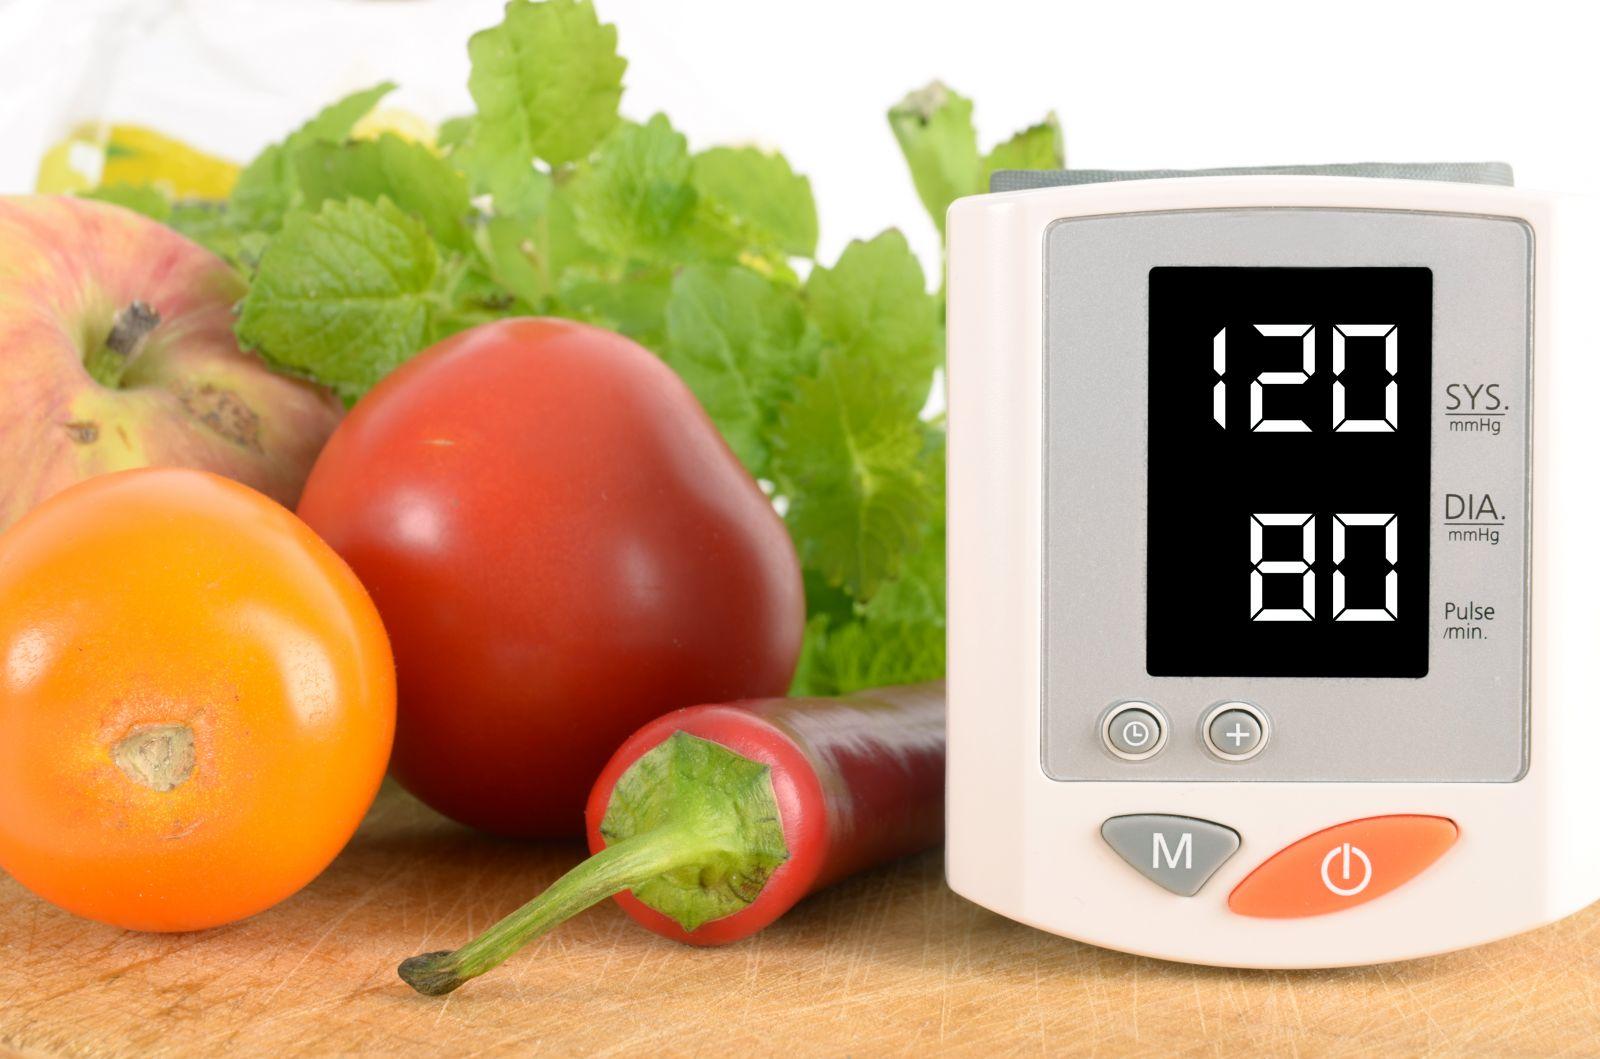 mit kell főzni magas vérnyomás esetén magas vérnyomás és pletykák